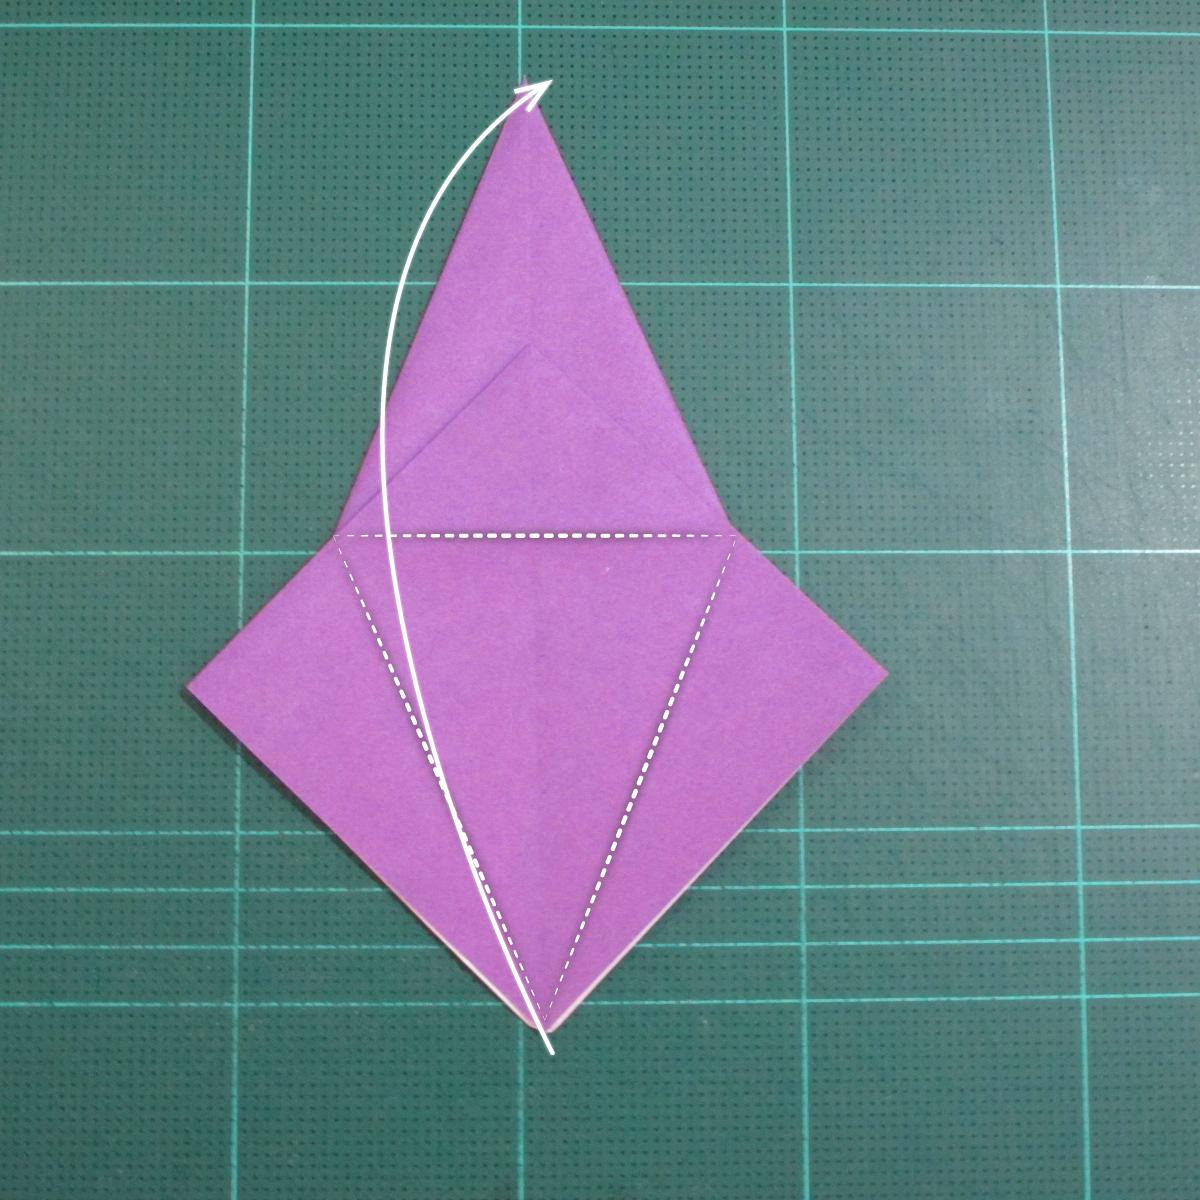 วิธีพับกระดาษเป็นรูปเต่าแบบง่าย (Easy Origami Turtle) 007